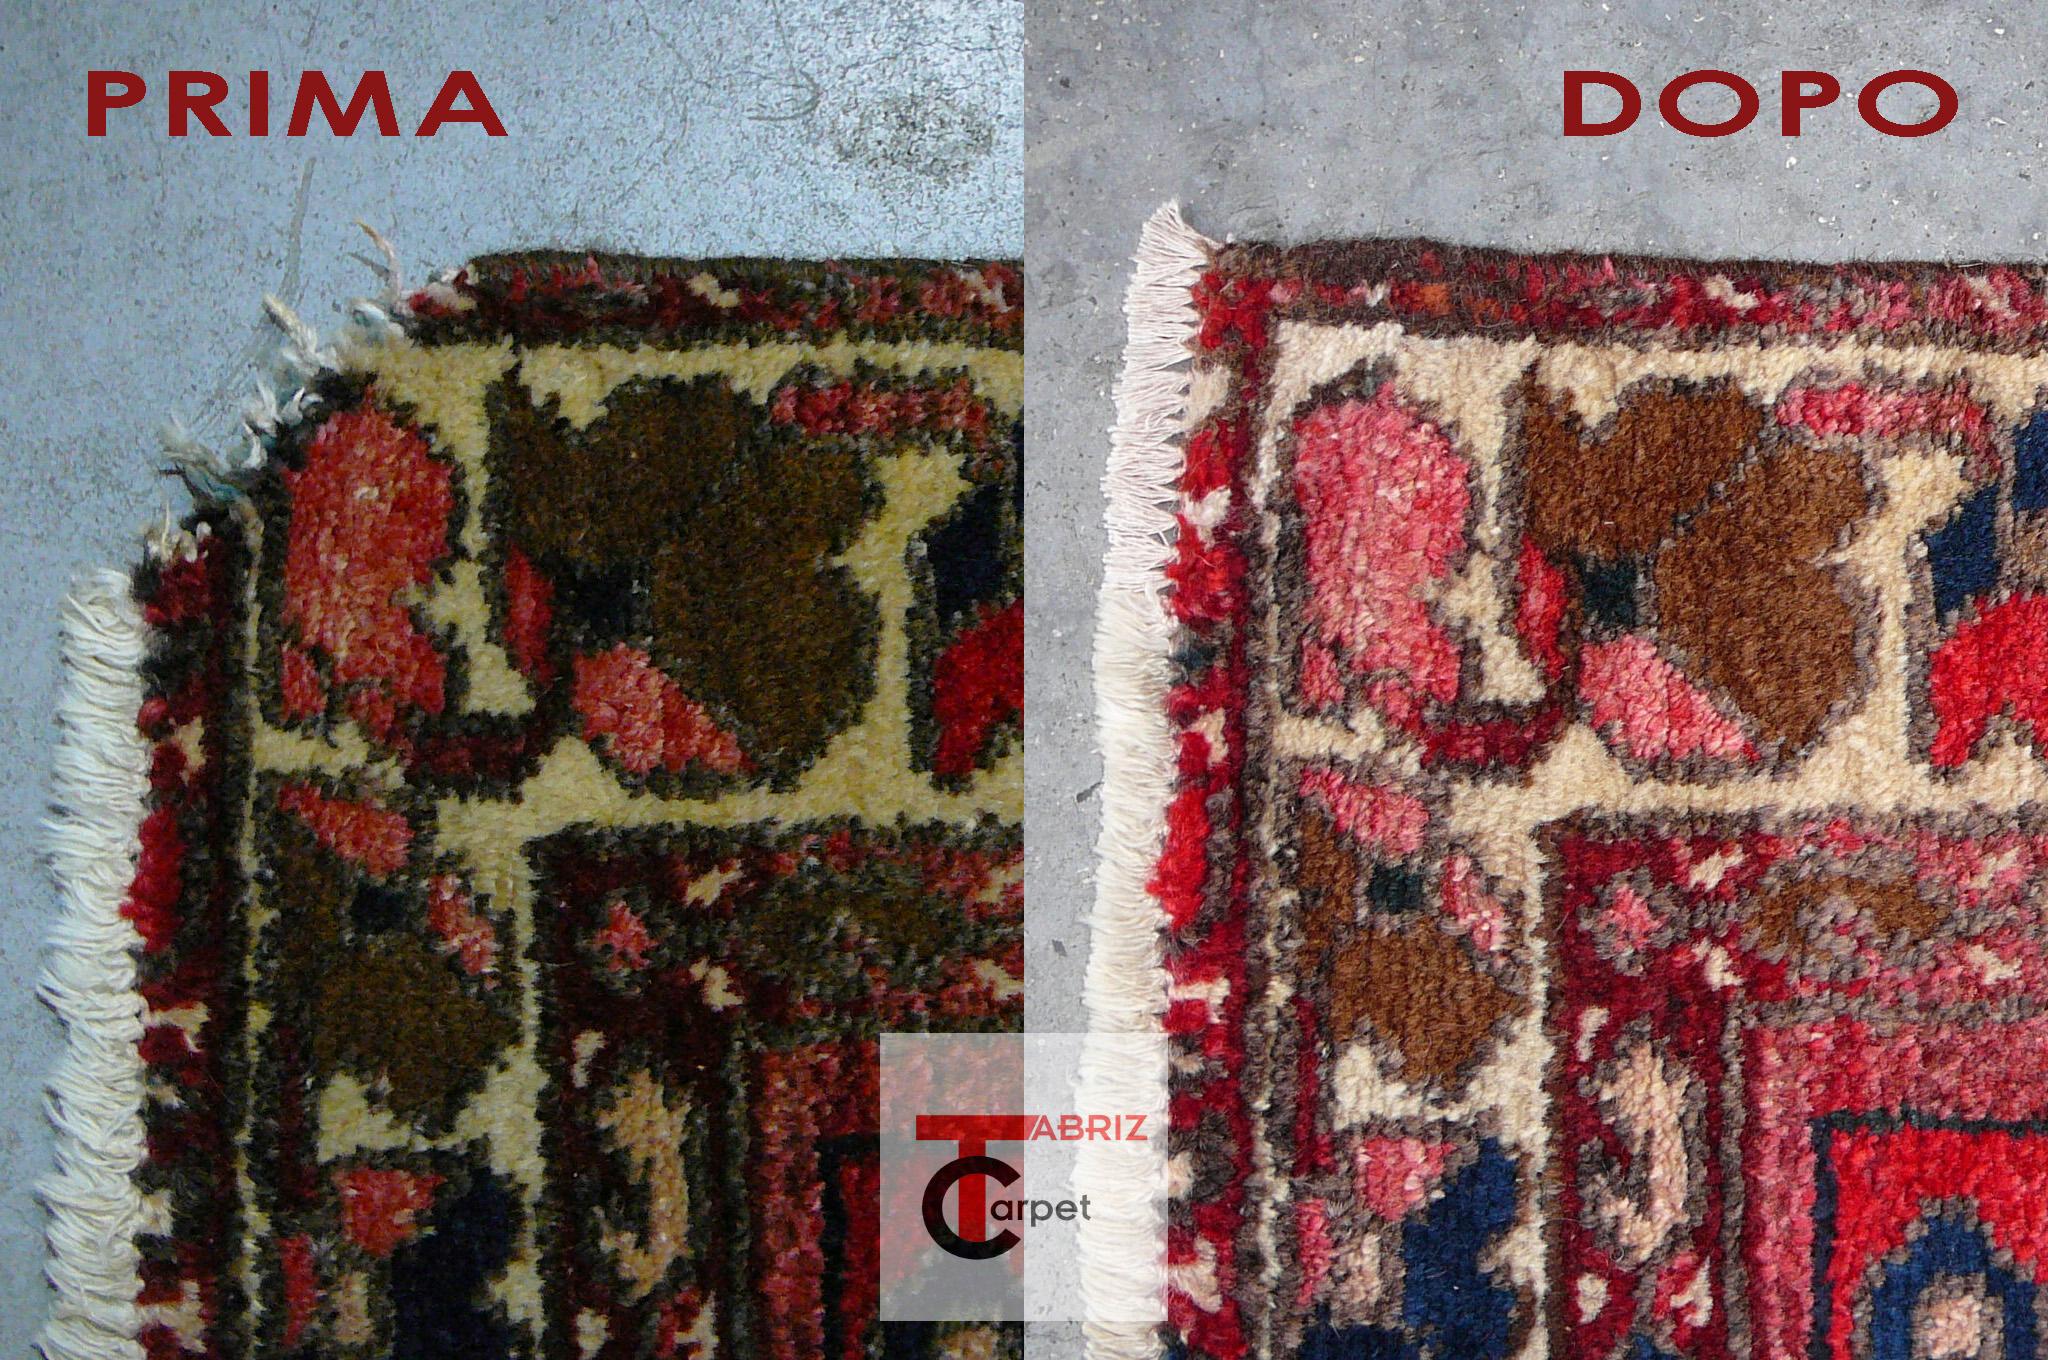 Quanto costa restauro tappeto, Restauro angolo tappeto vecchio persiano rovinato dal cane